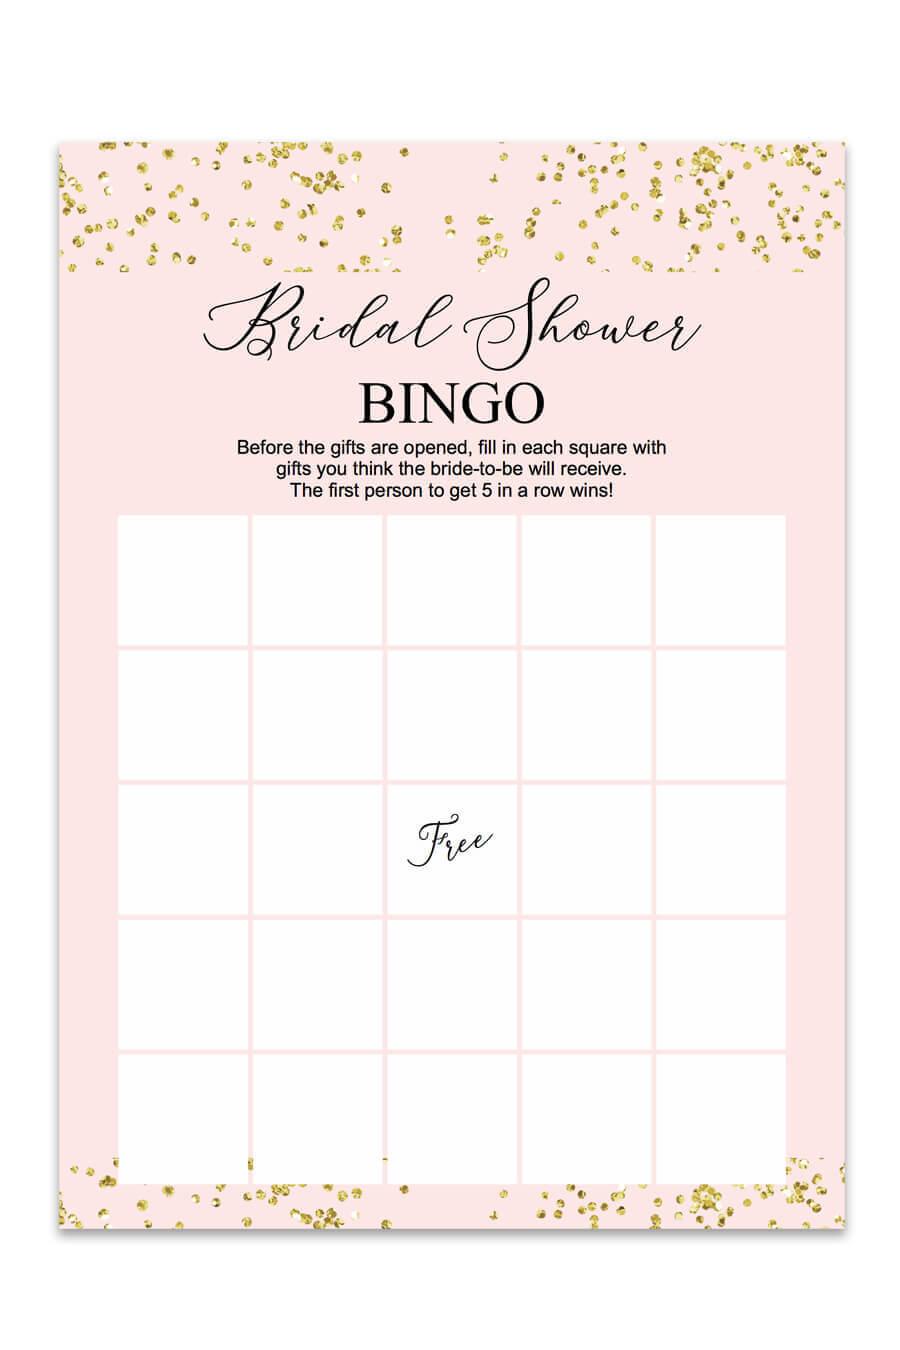 Blush And Confetti Bridal Shower Bingo - Chicfetti For Blank Bridal Shower Bingo Template